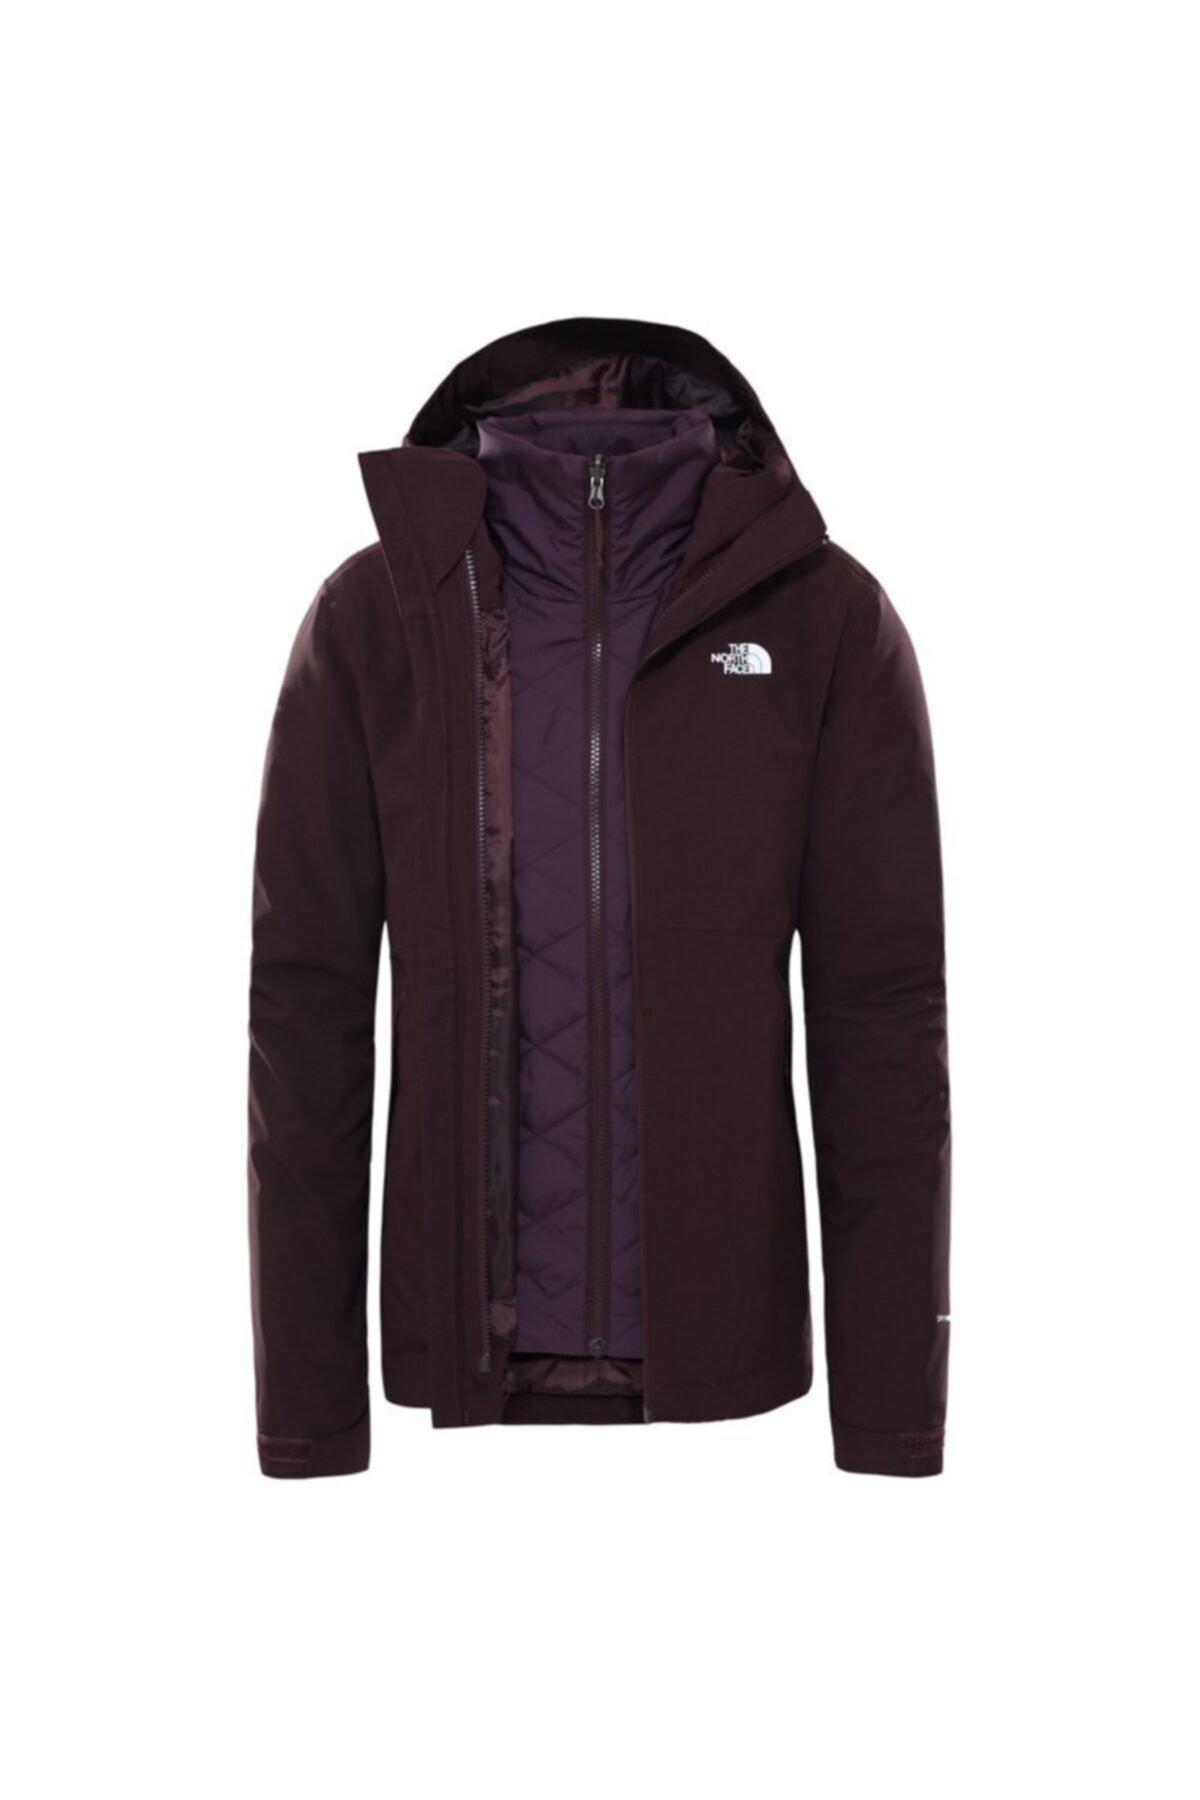 خرید اسان گرمکن ورزشی زنانه پیاده روی جدید برند نورث فیس The North Face رنگ مشکی کد ty49979991